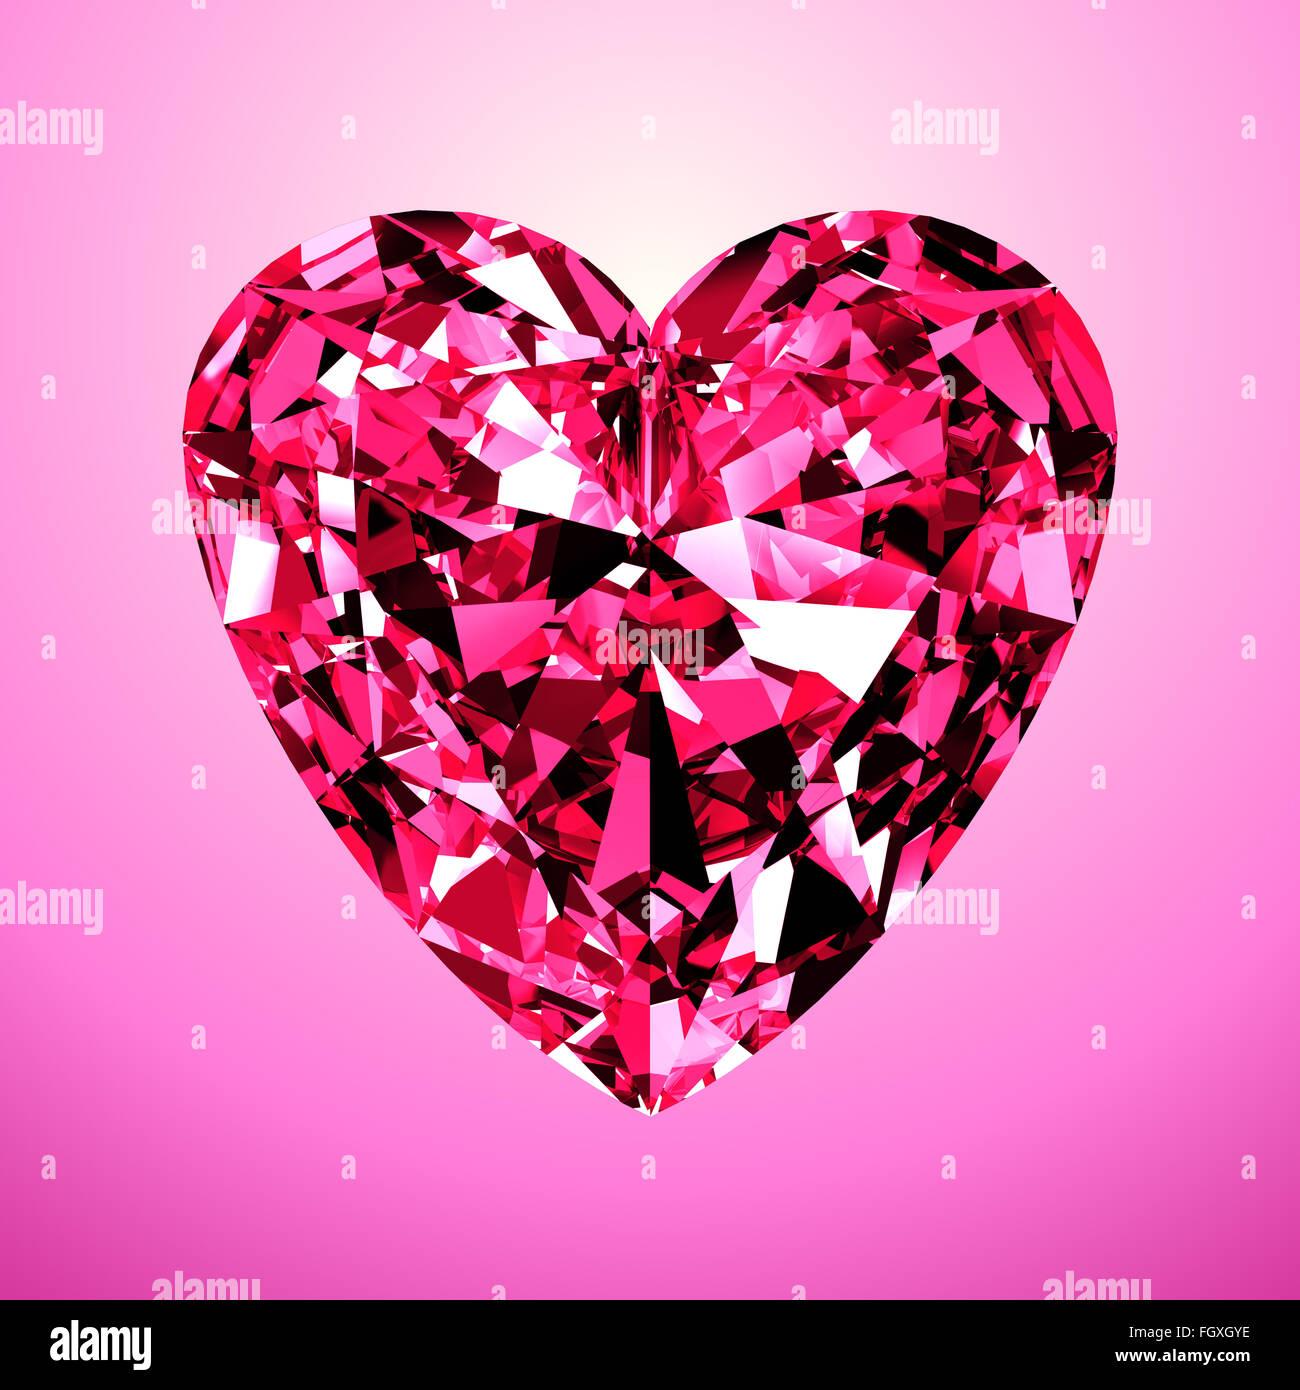 Rosa Diamantherz. 3D-Modell auf rosa Hintergrund. Stockbild